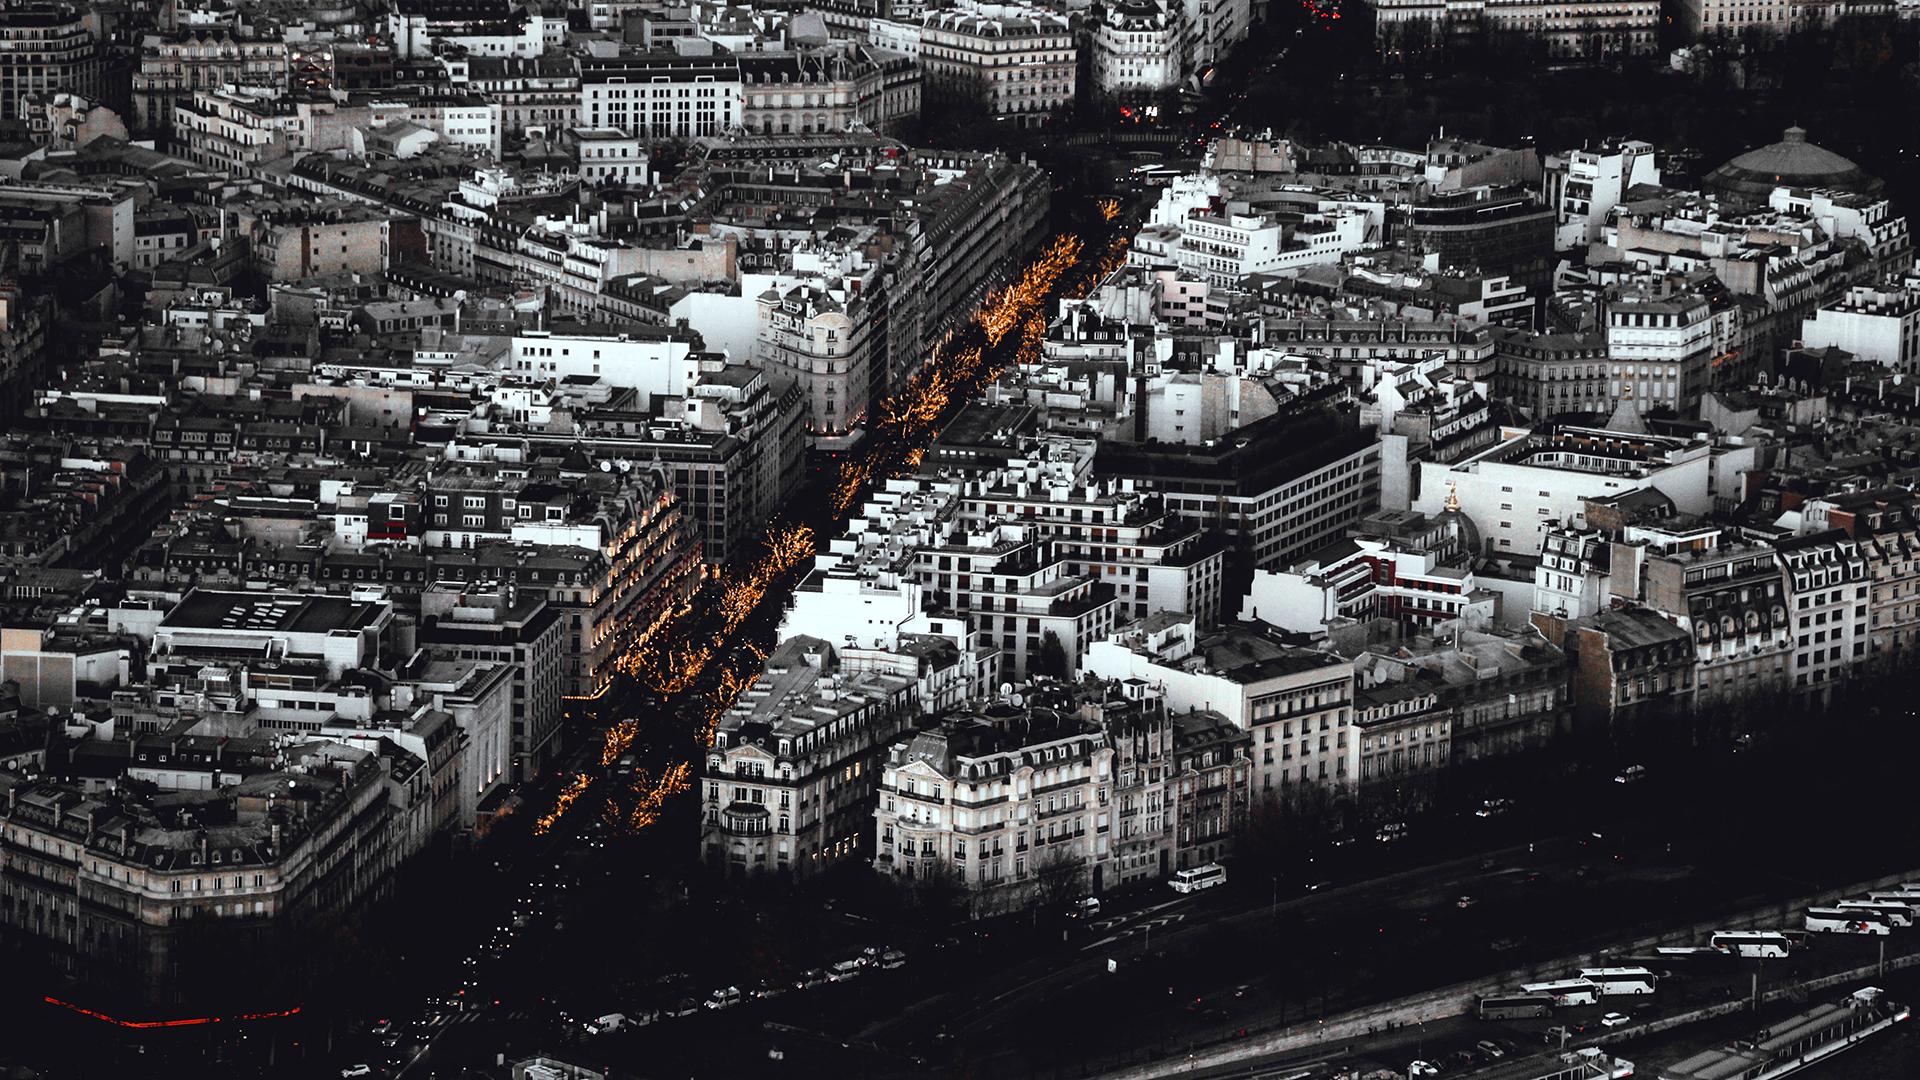 Wallpaper Px Cityscape Fotografi Mewarnai